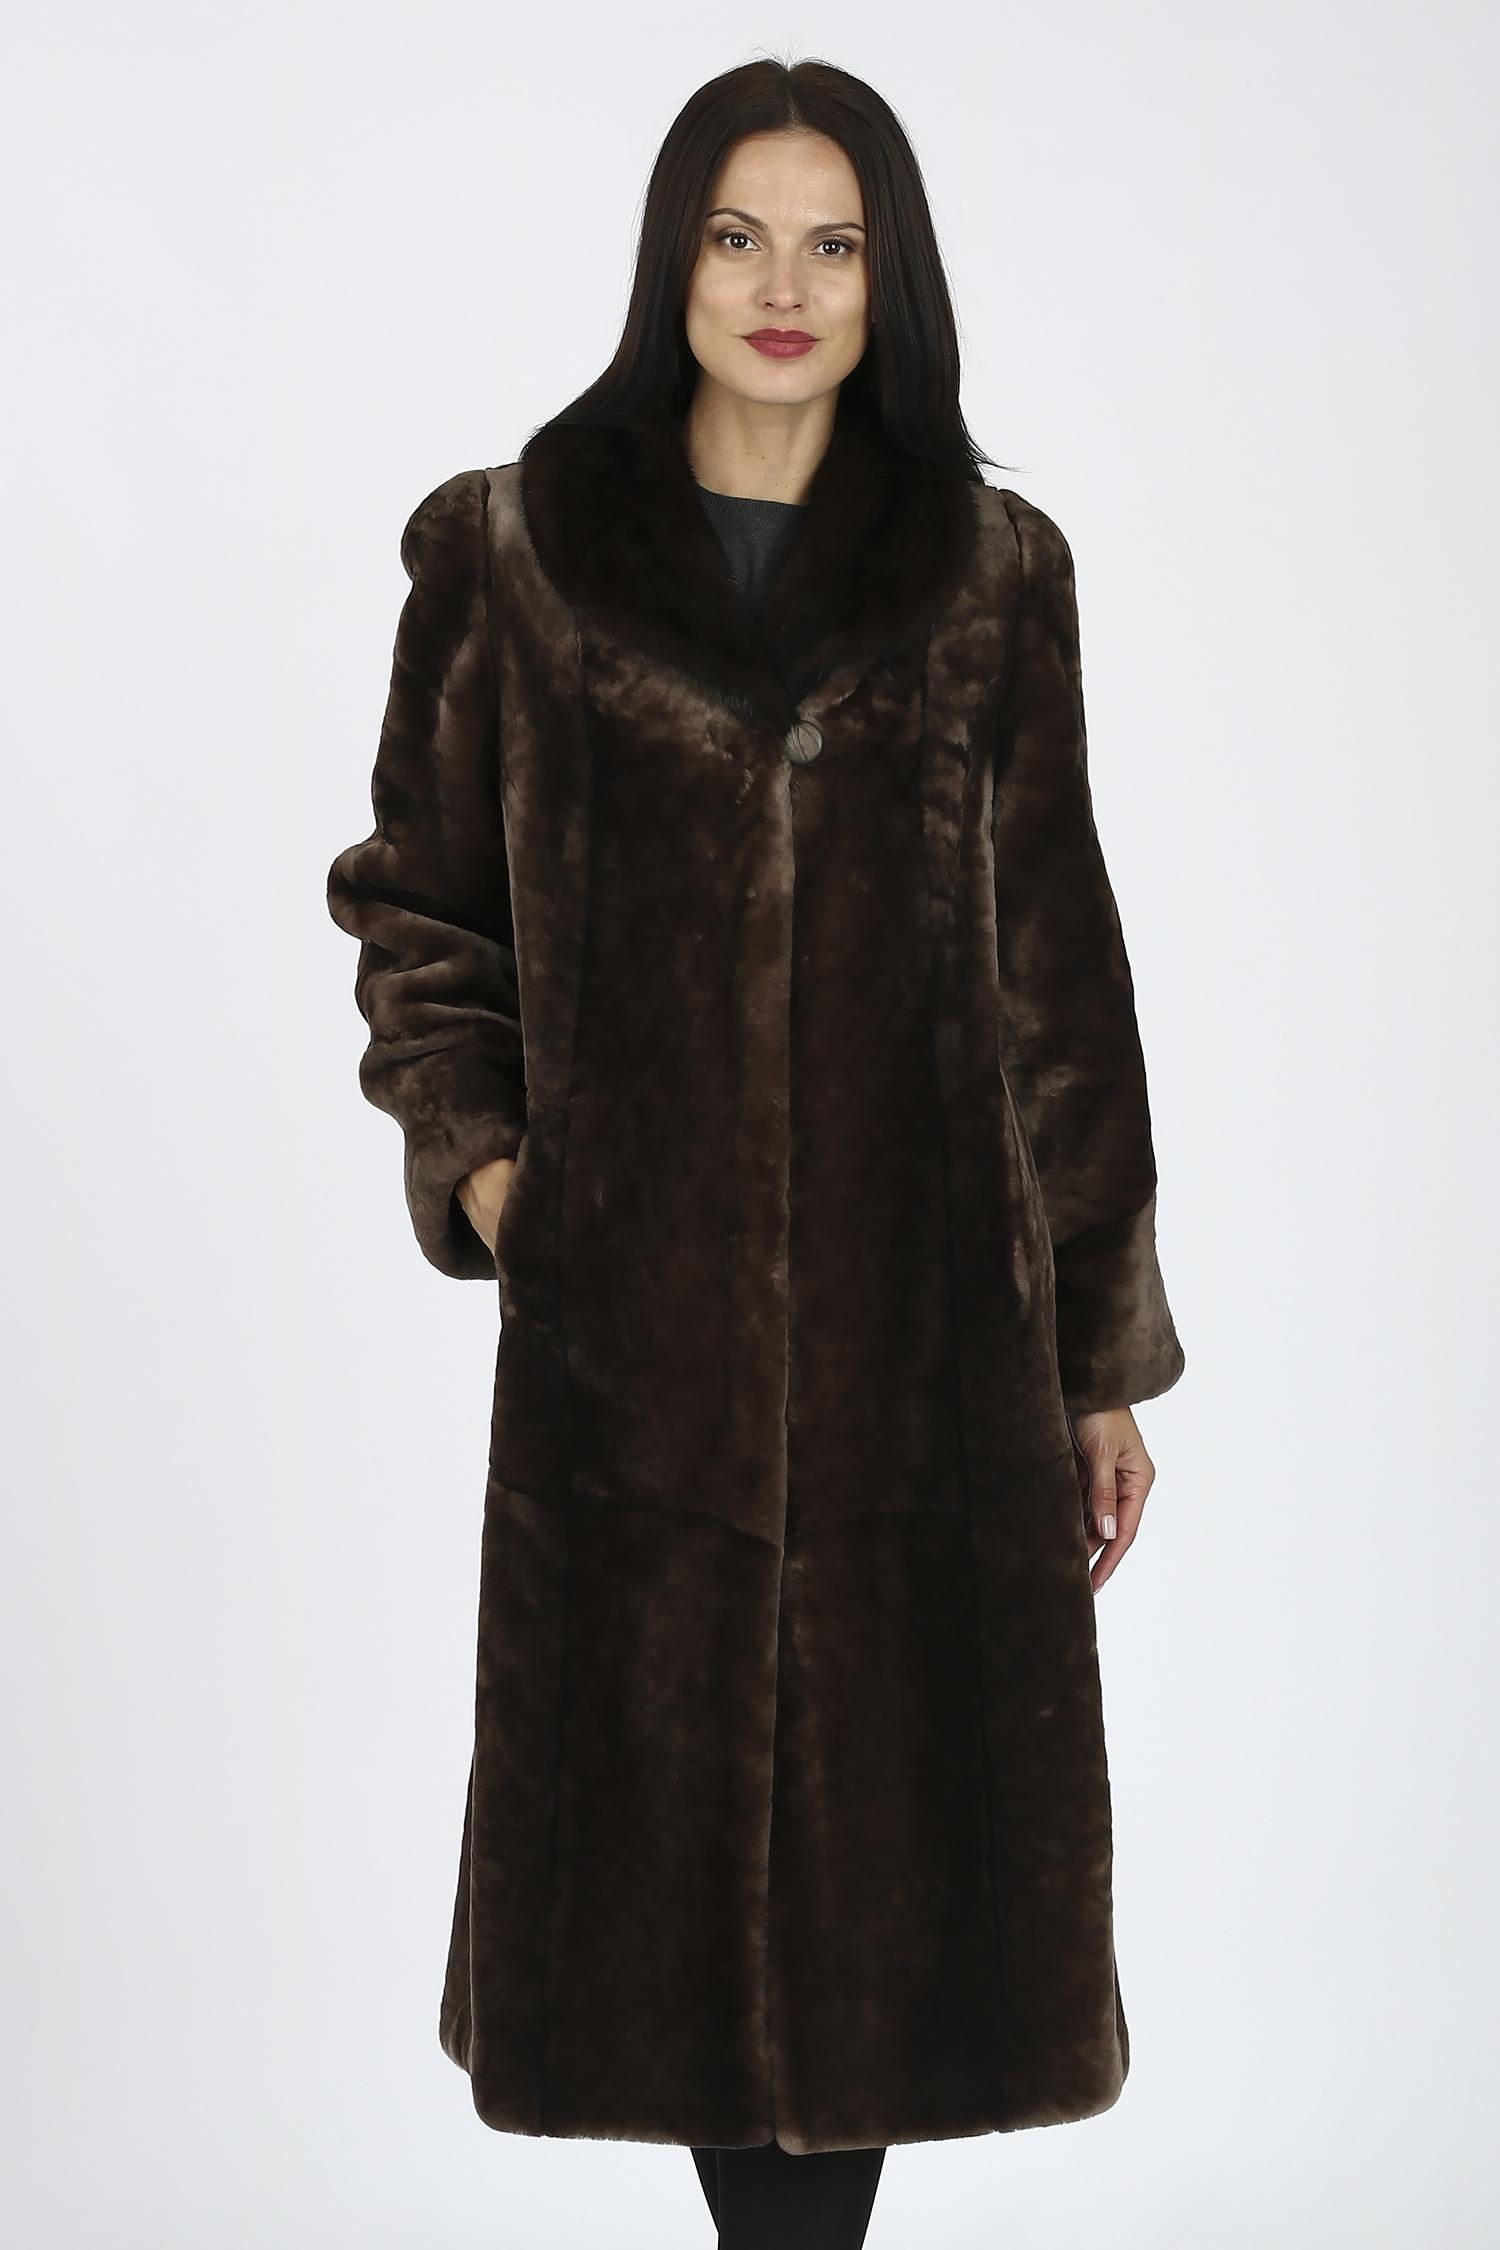 Купить Шуба из мутона с воротником, отделка норка, МОСМЕХА, коричневый, Мутон, 1301319